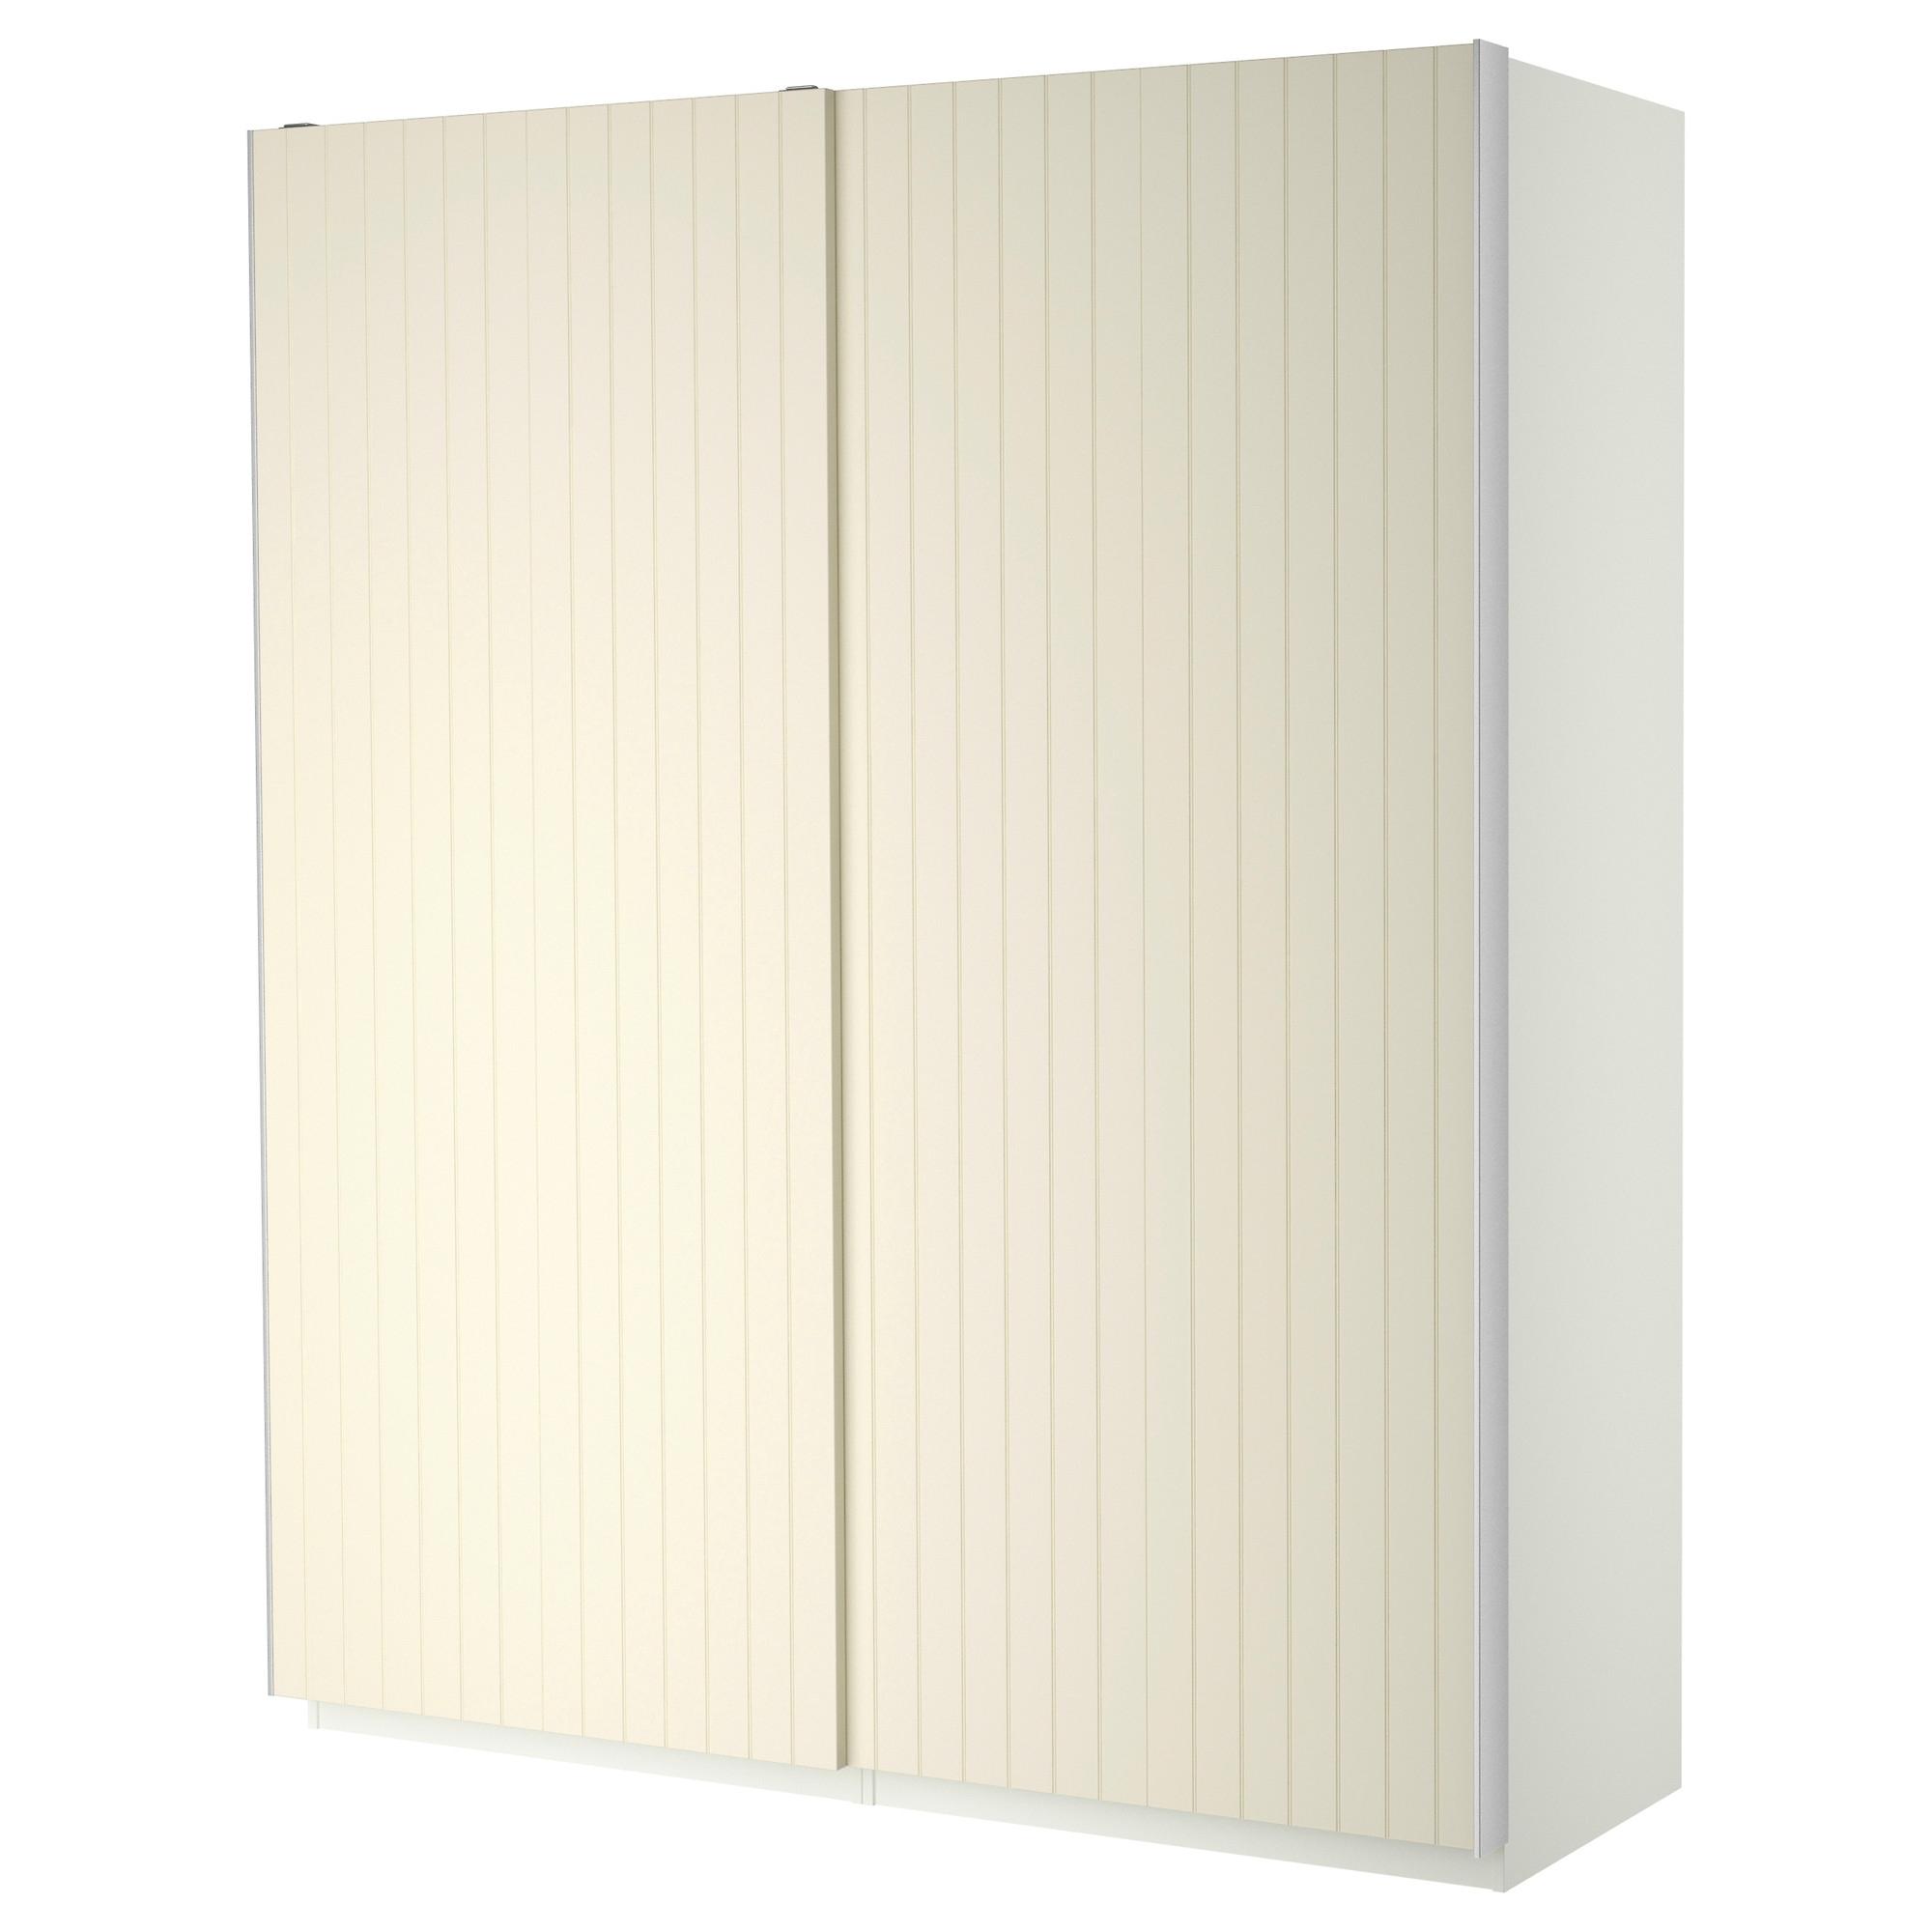 403 forbidden - Ikea catalogo armarios modulares ...